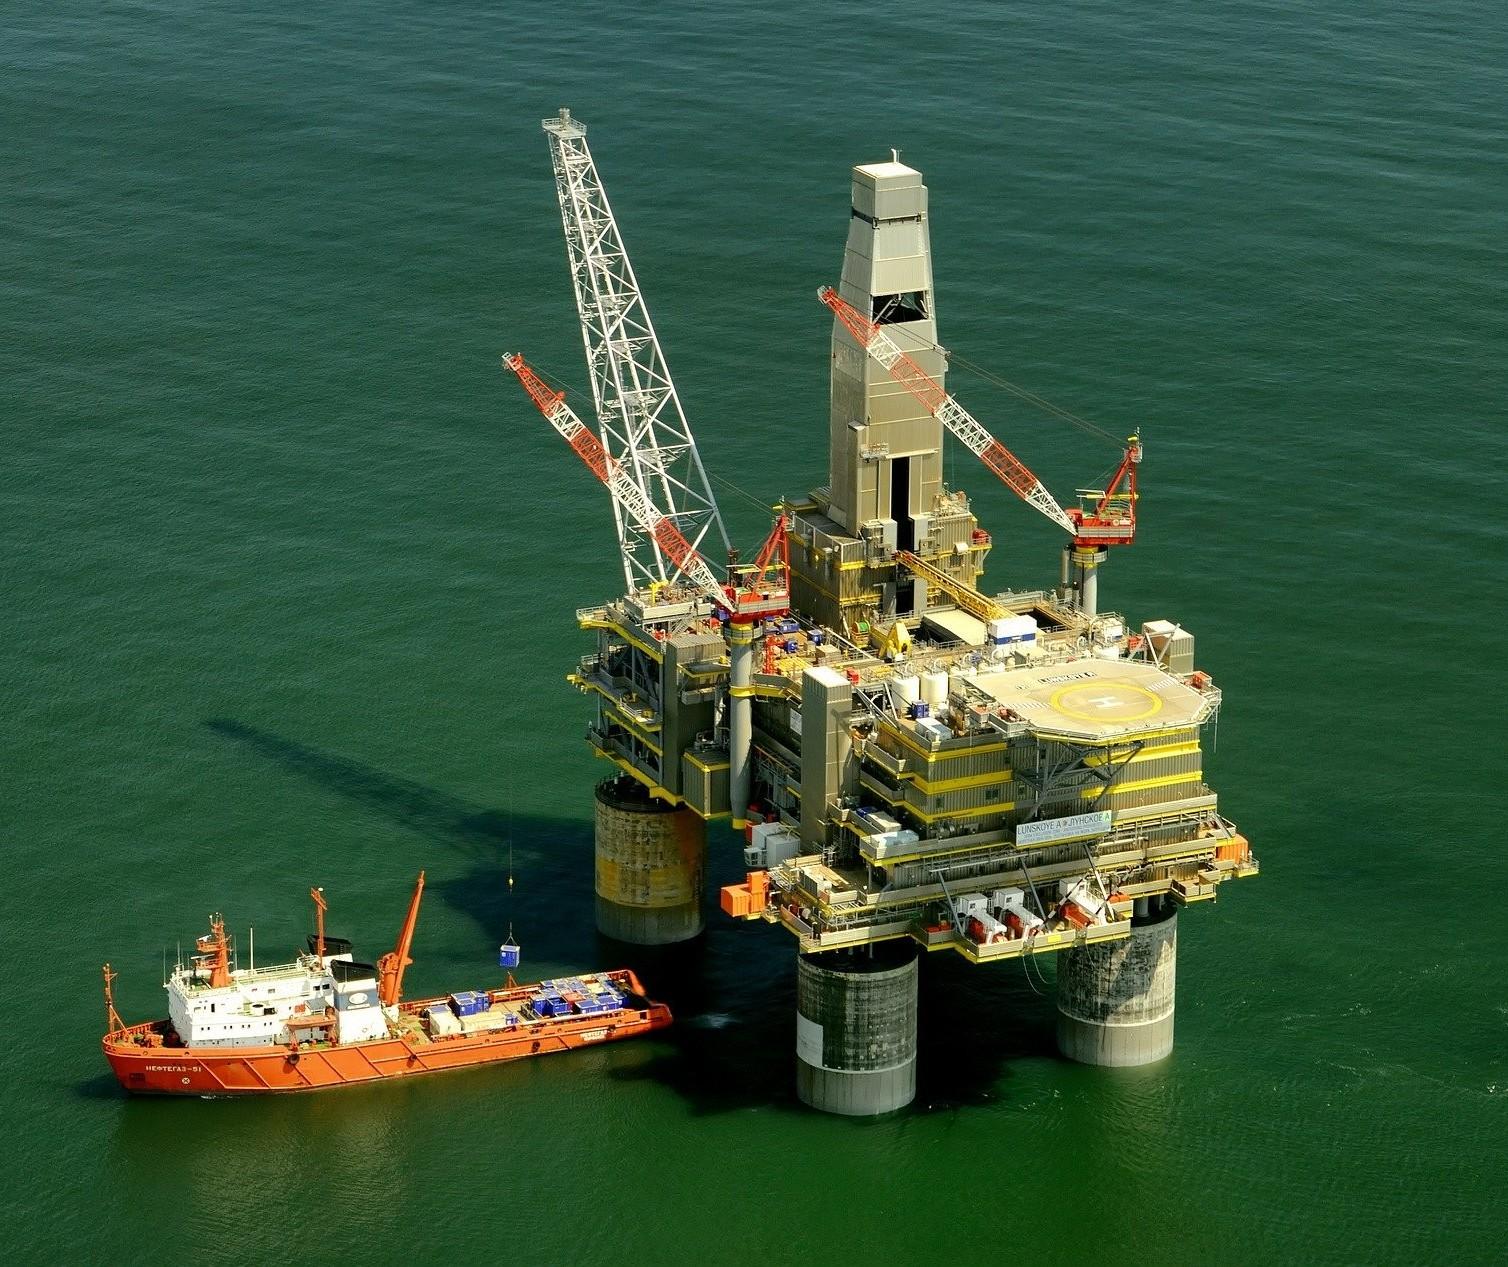 Como a crise do petróleo pode afetar a sustentabilidade do planeta